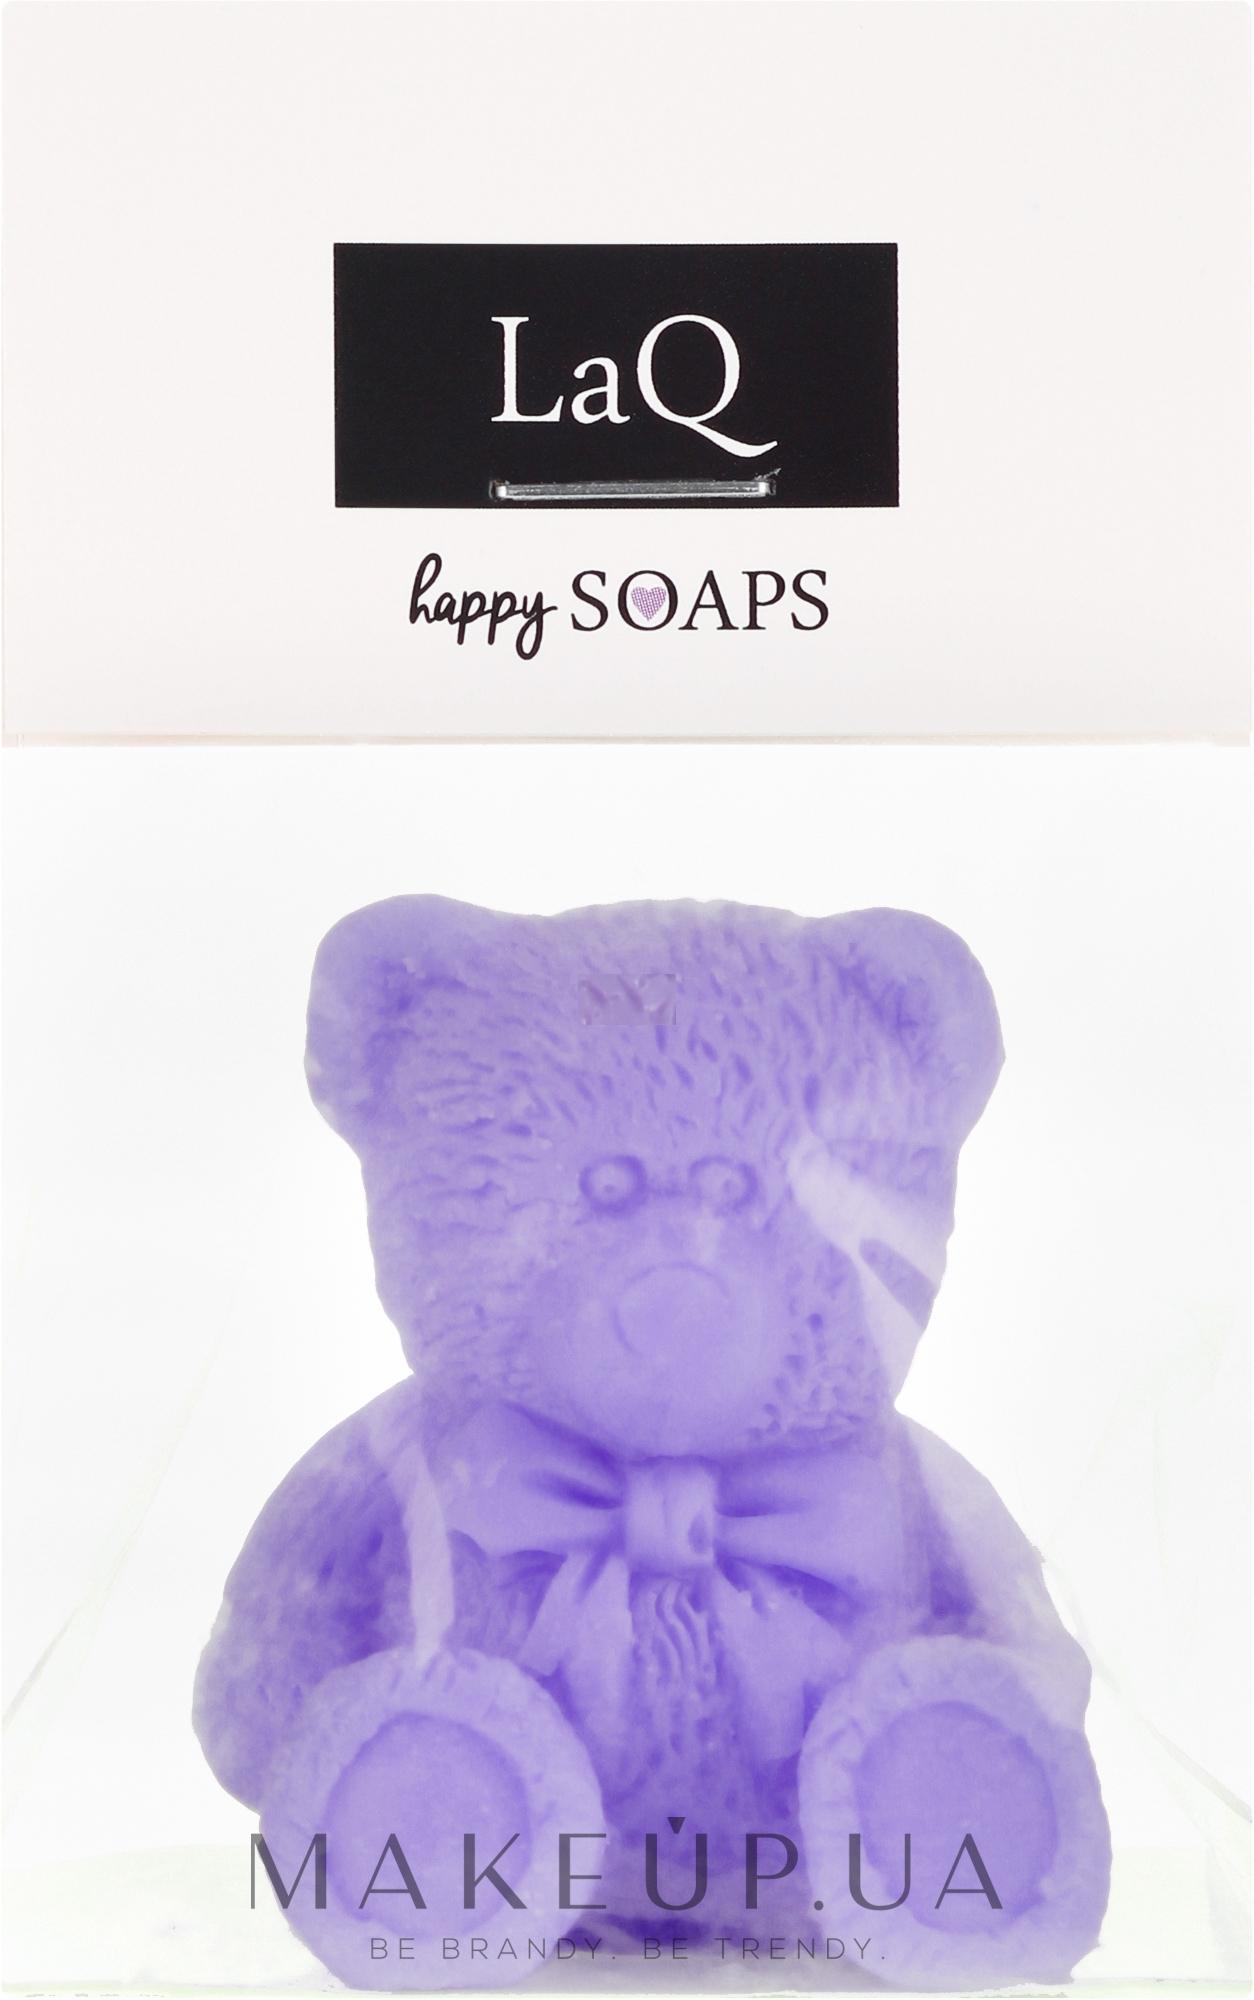 """Натуральное мыло ручной работы """"Маленький медведь"""" с ароматом лаванды - LaQ Happy Soaps Natural Soap — фото 30g"""